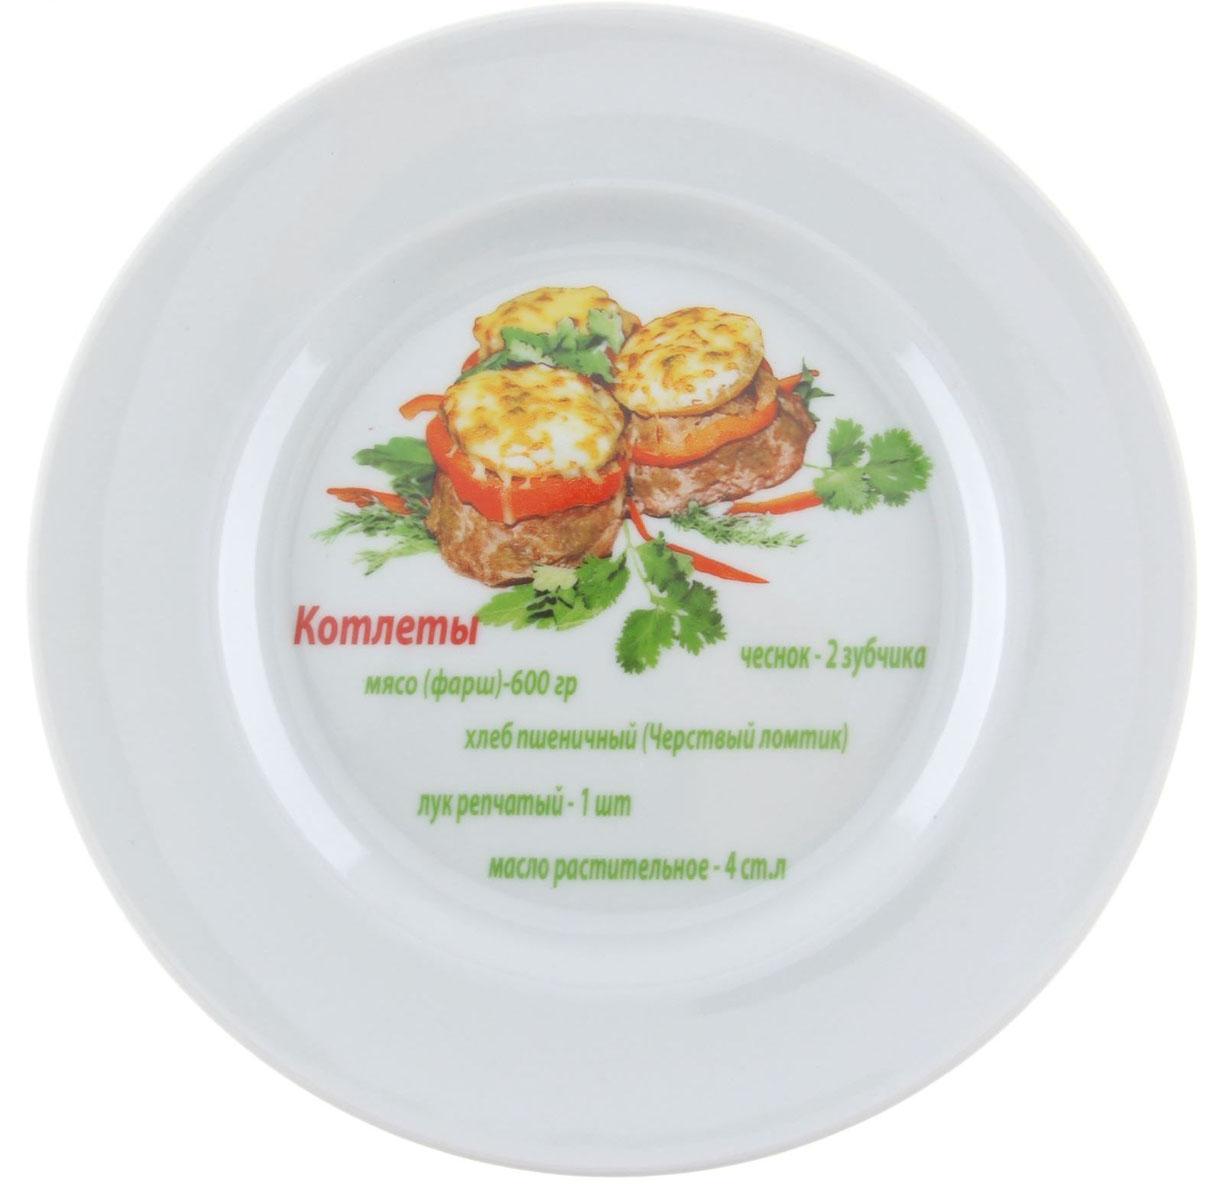 Тарелка Идиллия. Рецепты, диаметр 20 см1303877Тарелка Идиллия. Рецепты выполнена из высококачественного фарфора и украшена ярким изображением. Она прекрасно впишется в интерьер вашей кухни и станет достойным дополнением к кухонному инвентарю. Тарелка Идиллия. Рецепты подчеркнет прекрасный вкус хозяйки и станет отличным подарком.